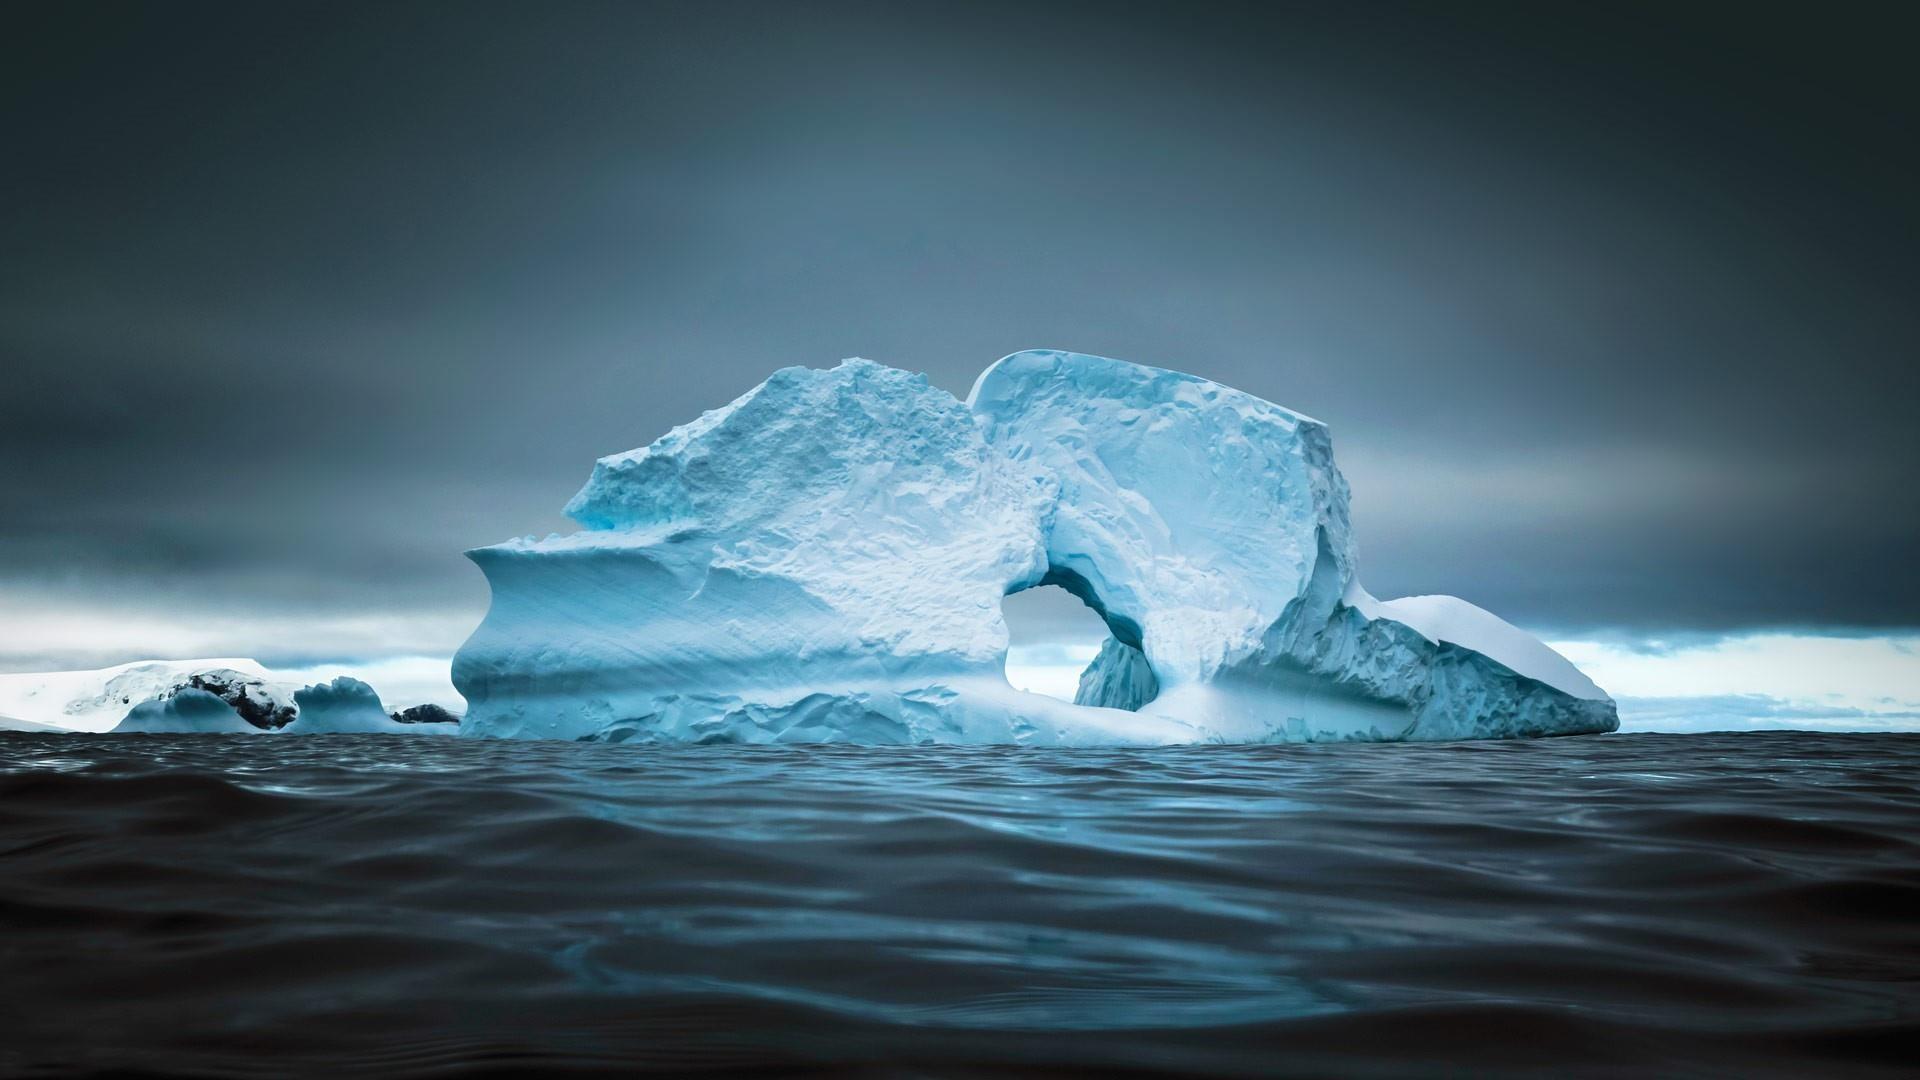 Antarctica Wallpaper 64 images 1920x1080